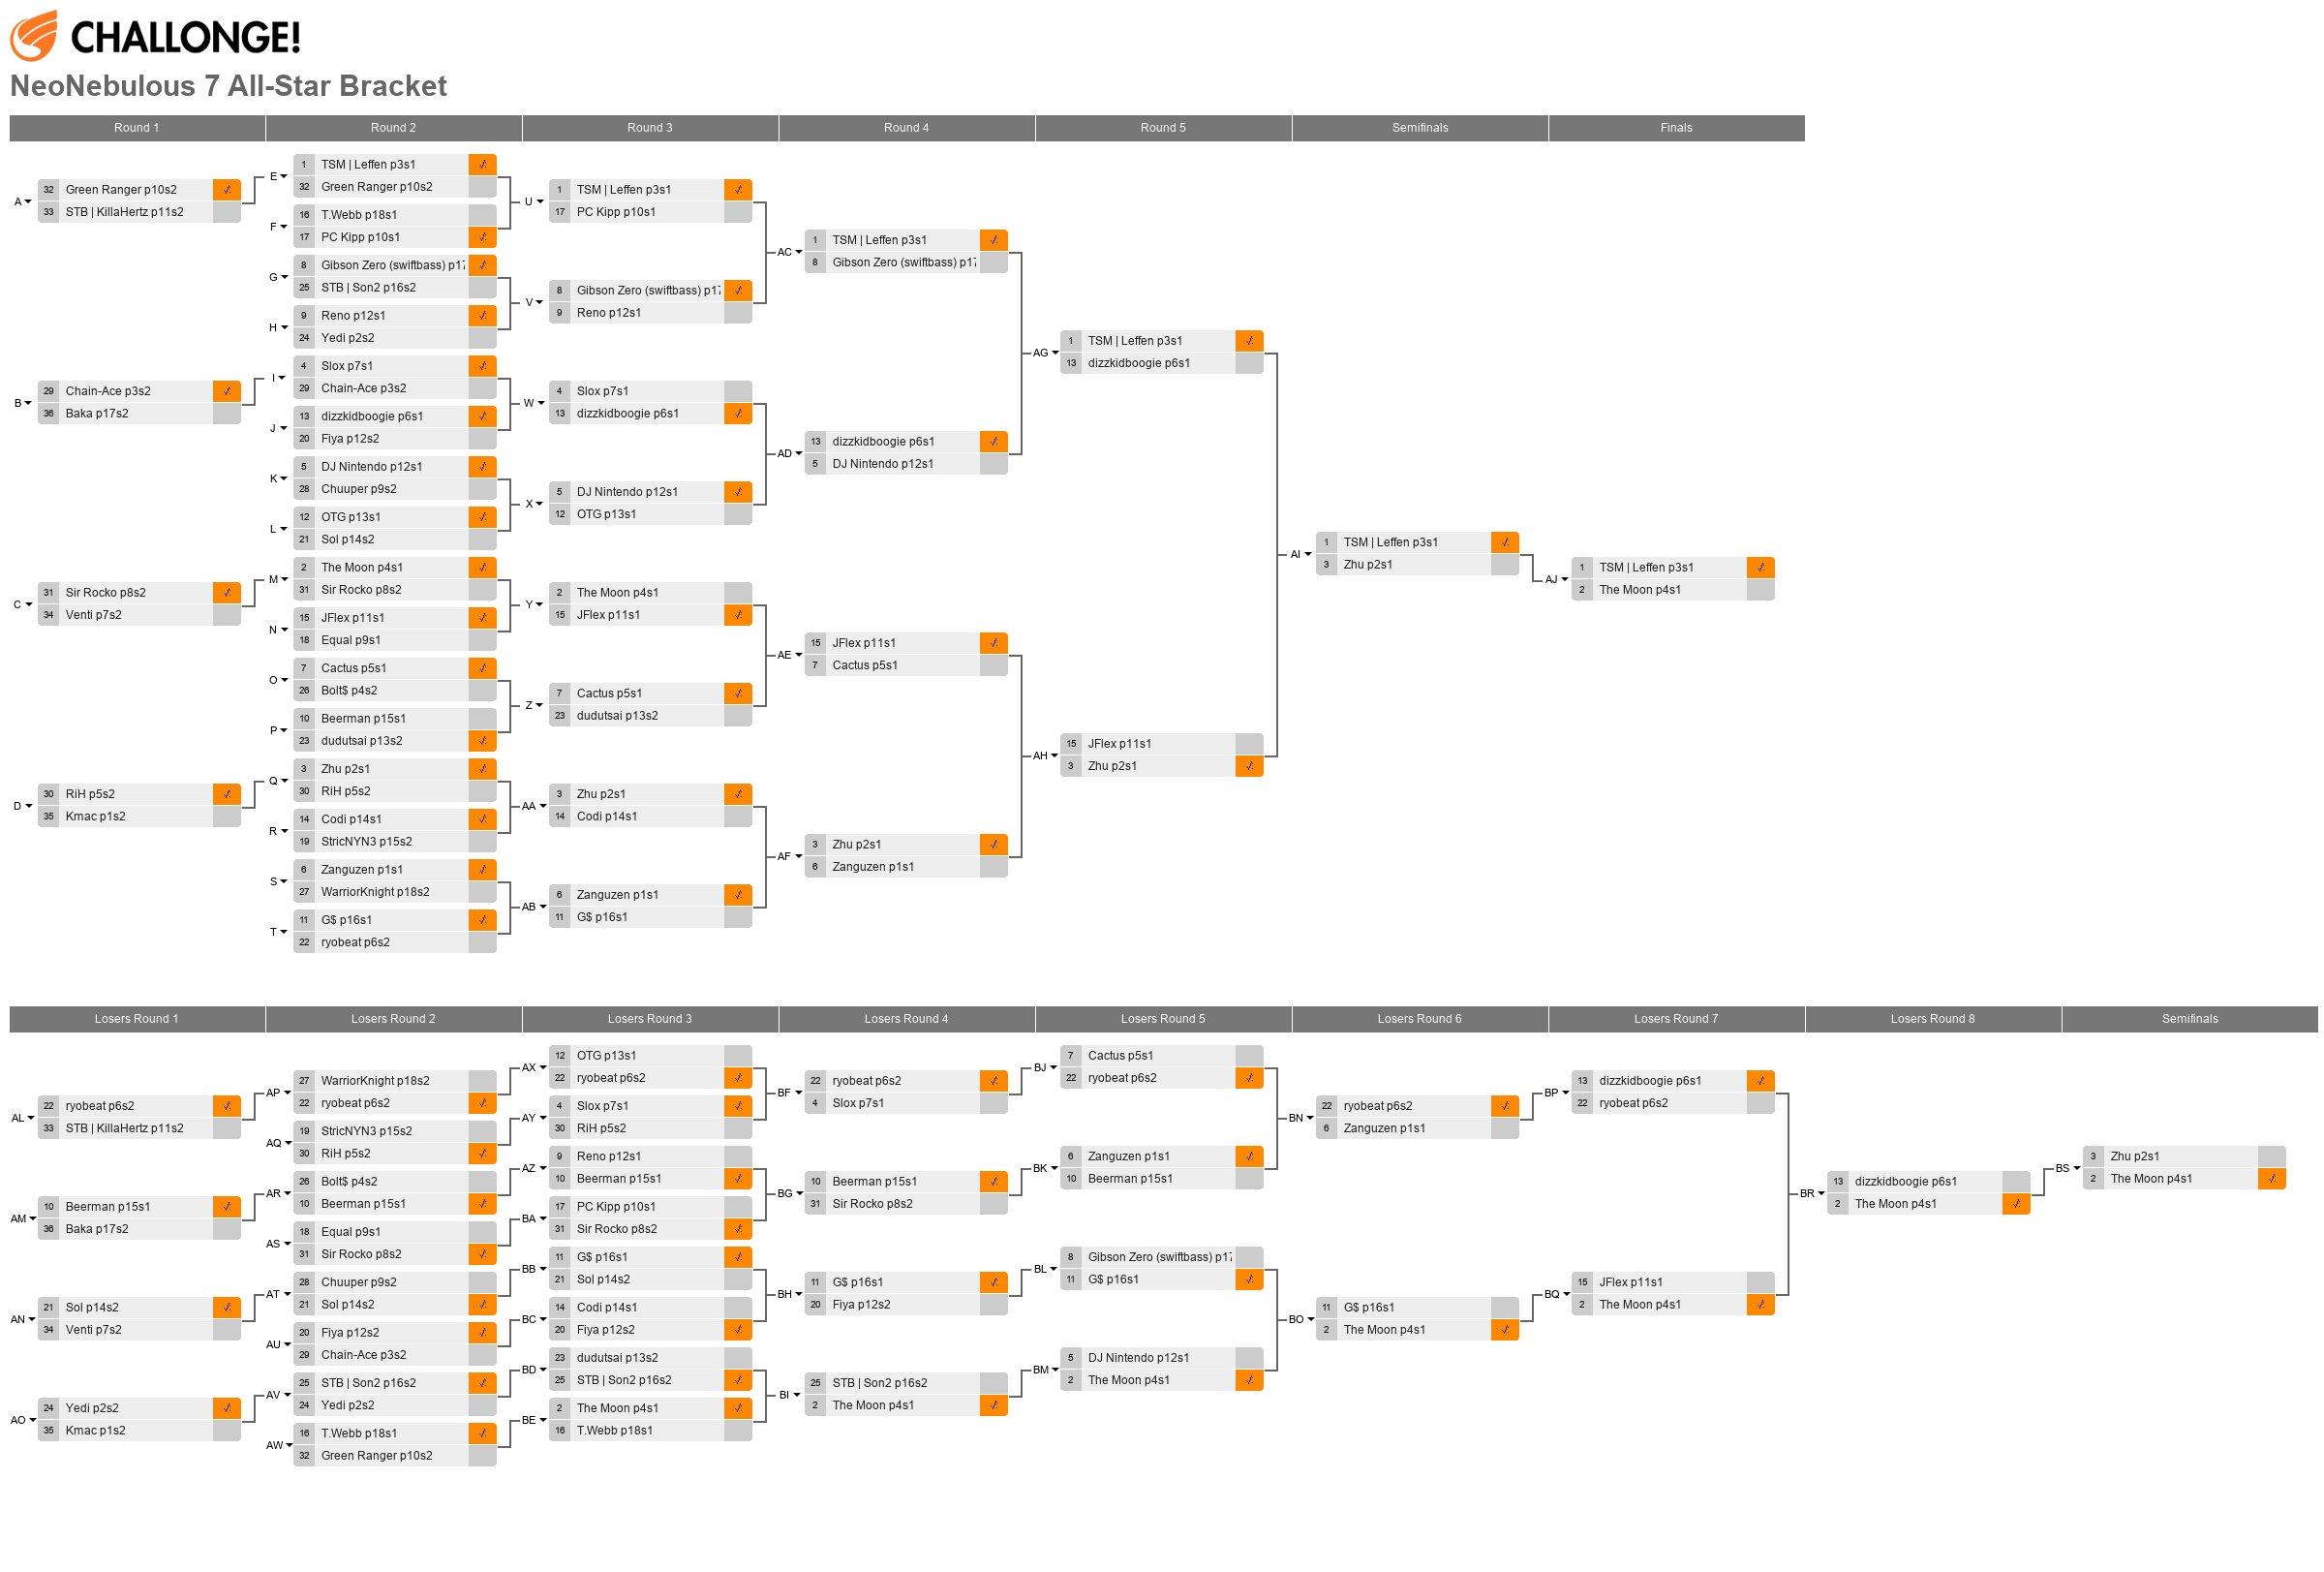 NeoNebulous 7 All-Star Bracket (171 Singles Entrants)